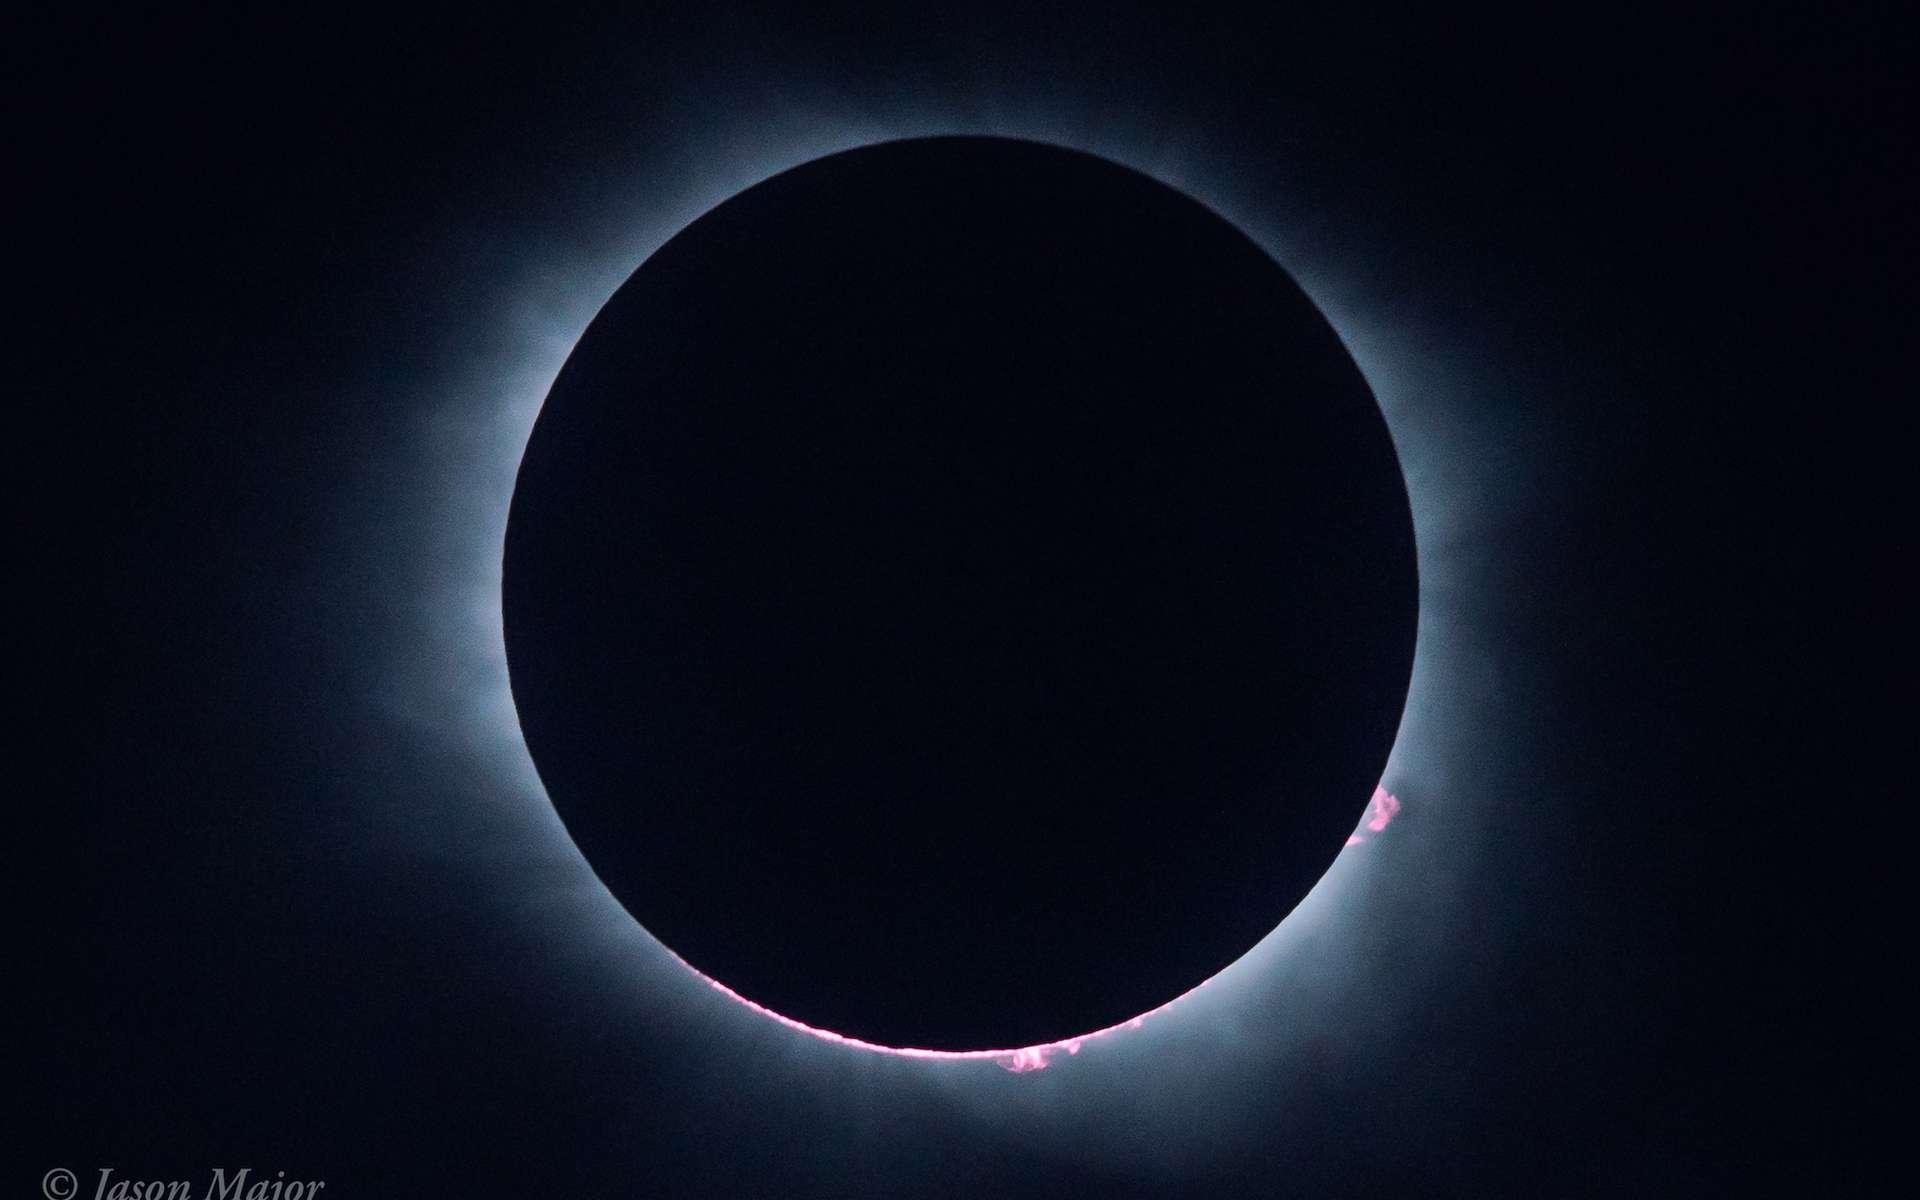 Le Soleil et la Lune au moment de la totalité en Caroline du Sud. Du disque noir ne dépassent que les protubérances solaires. Les deux astres alignés sont nimbés de la couronne solaire. © Jason Major, lightsinthedark.com